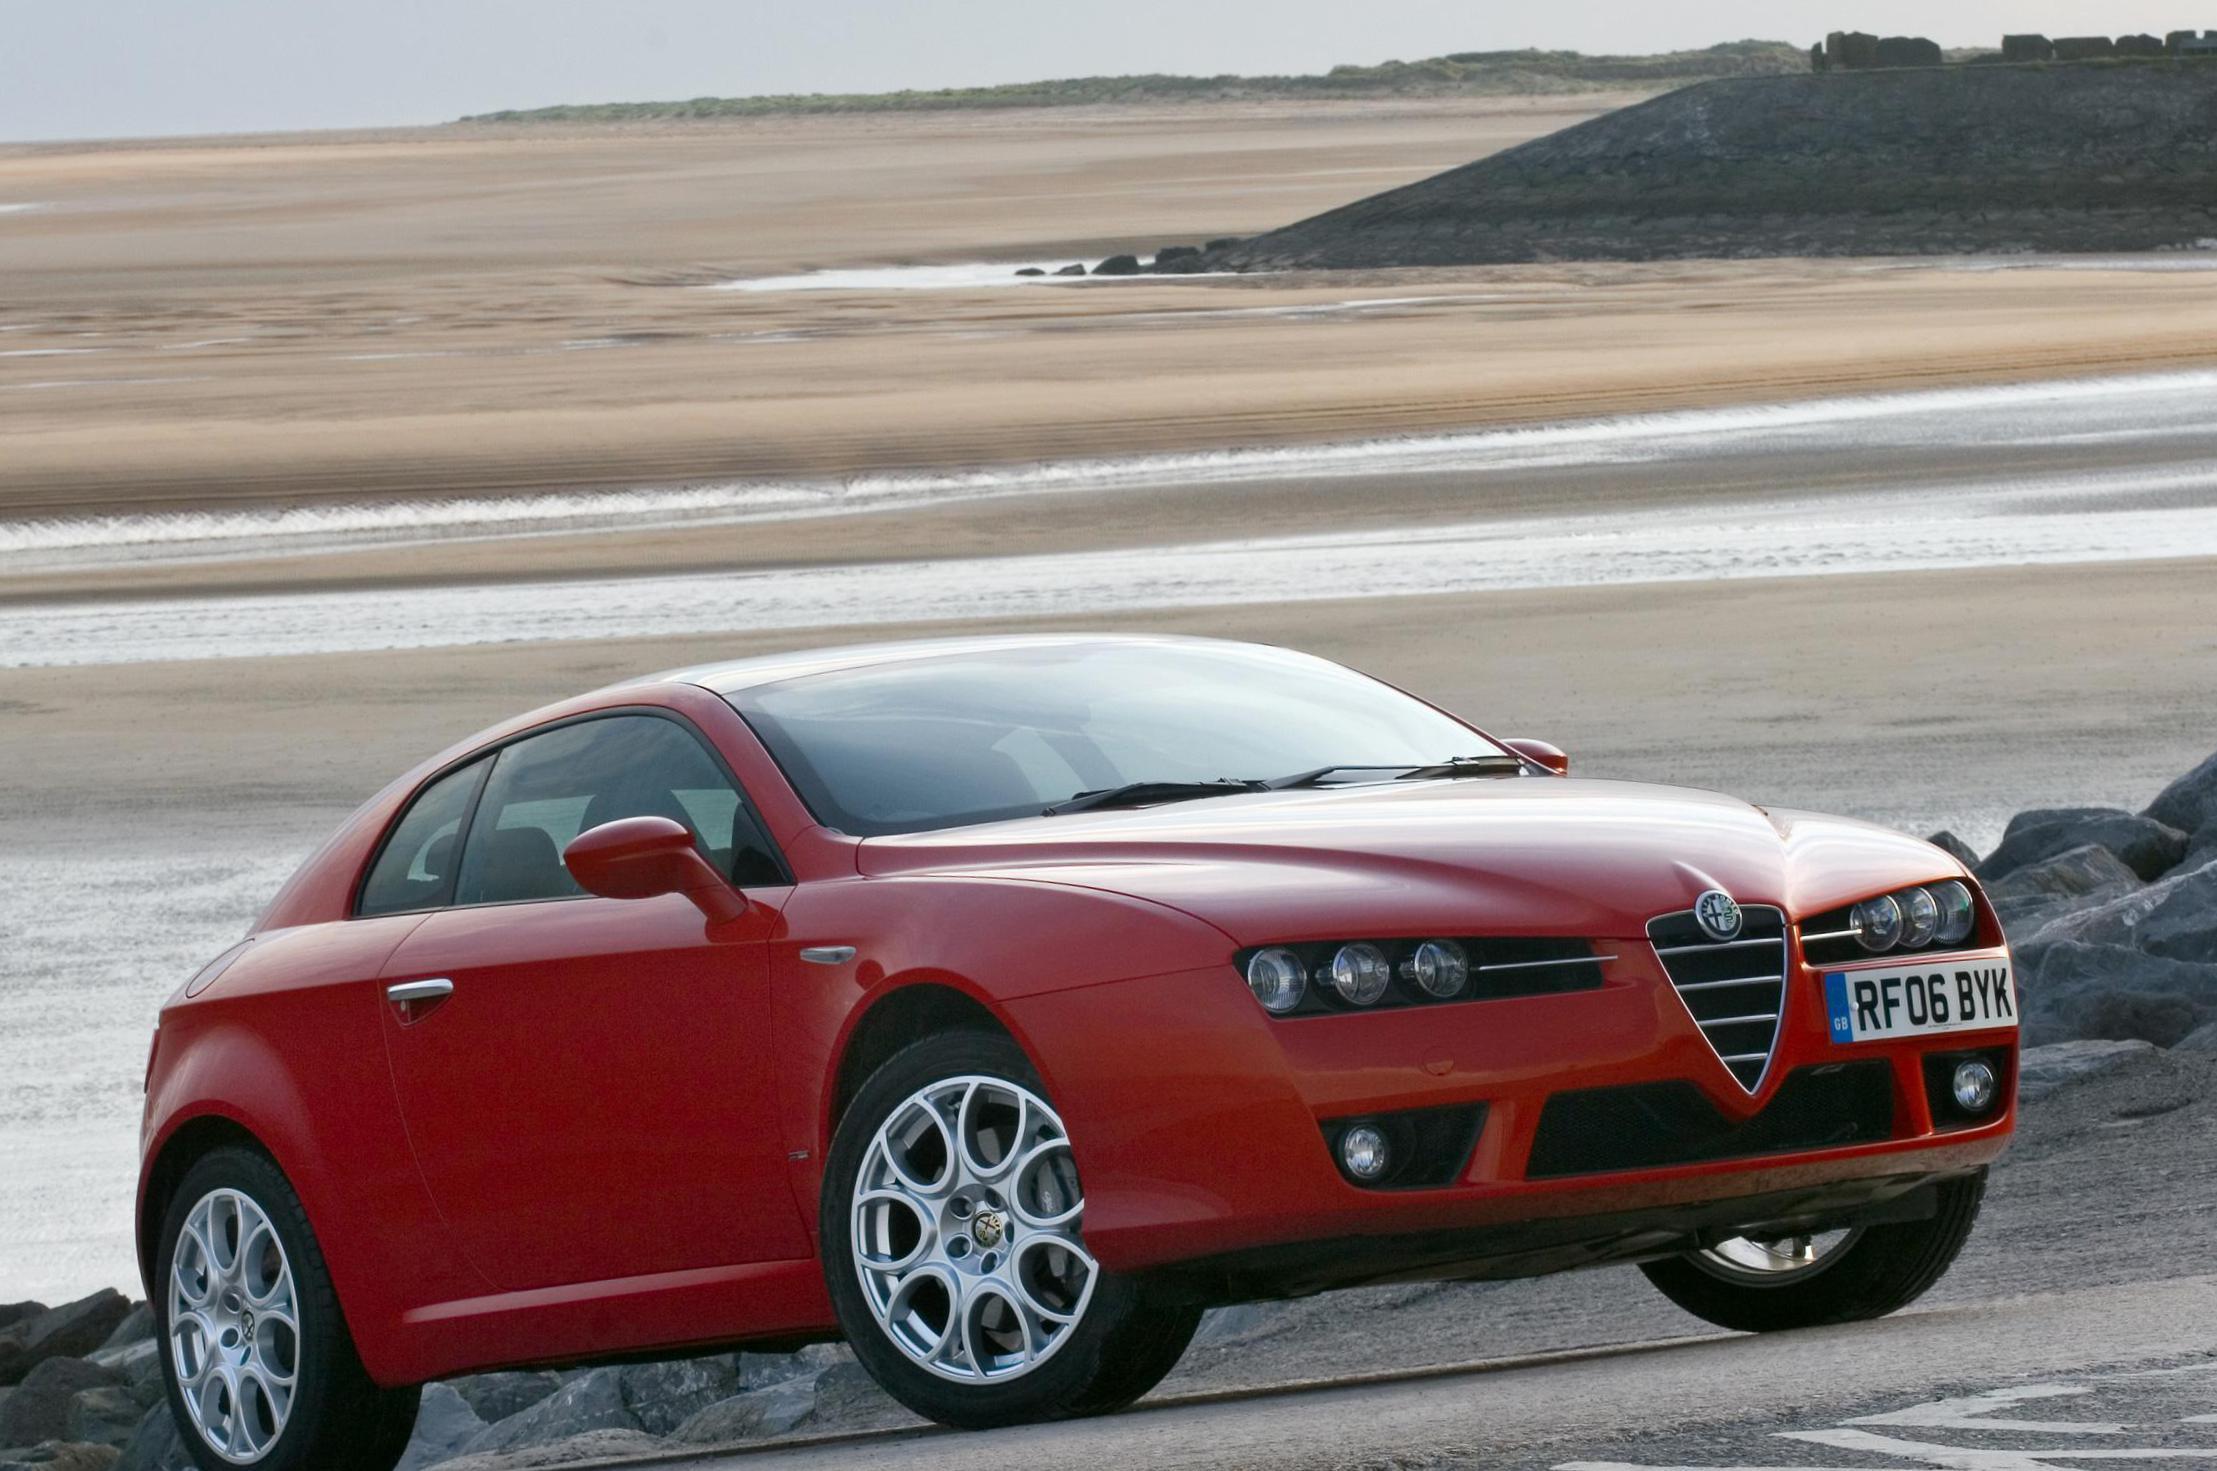 Alfa Romeo Brera Photos And Specs Photo Alfa Romeo Brera Usa And - Alfa romeo brera for sale usa